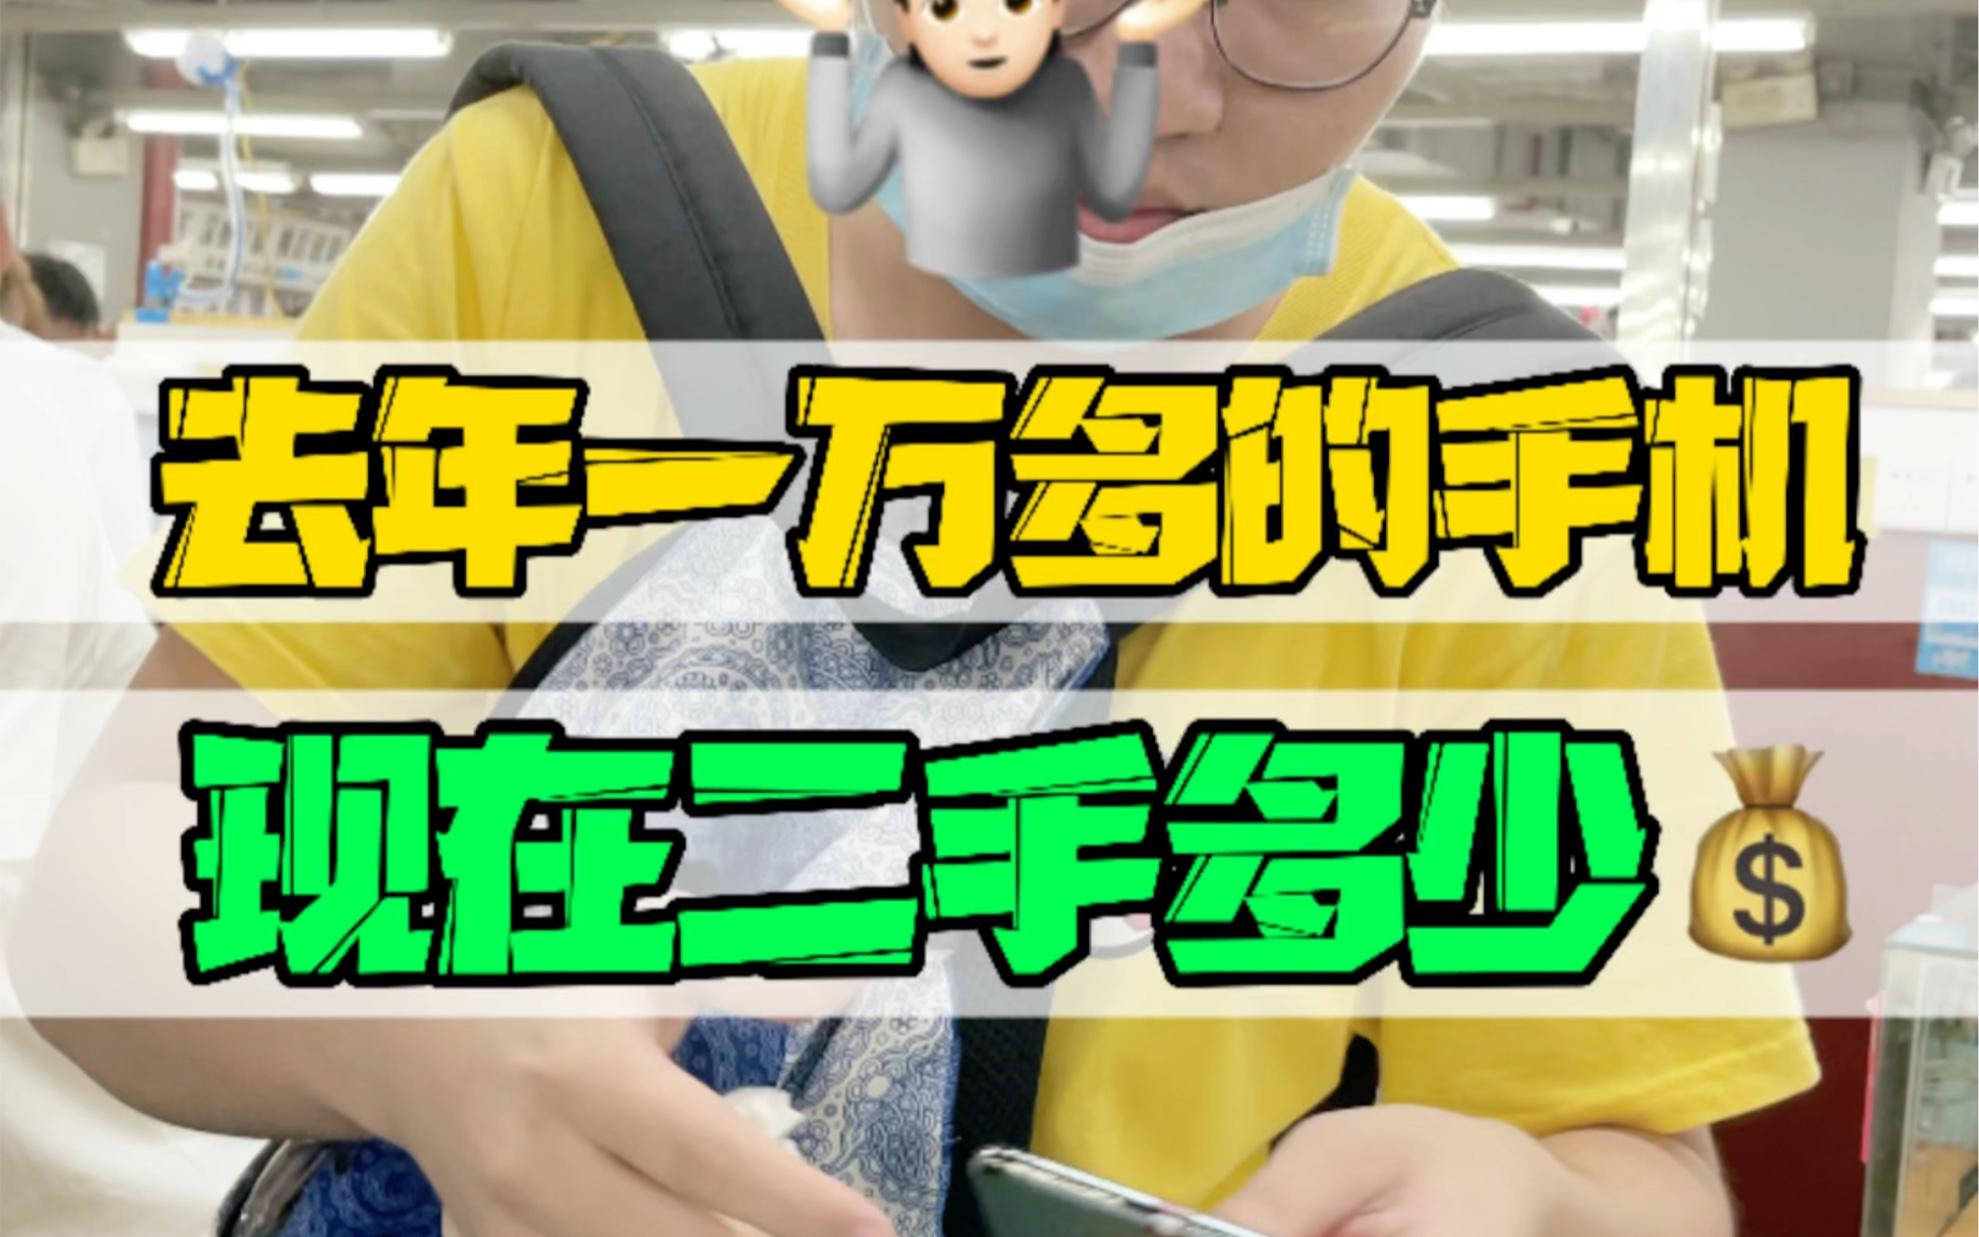 去年还要一万多的手机现在竟然只要这么点了,在华强北真的是手机按斤卖!#华强北 #手机 #iphone